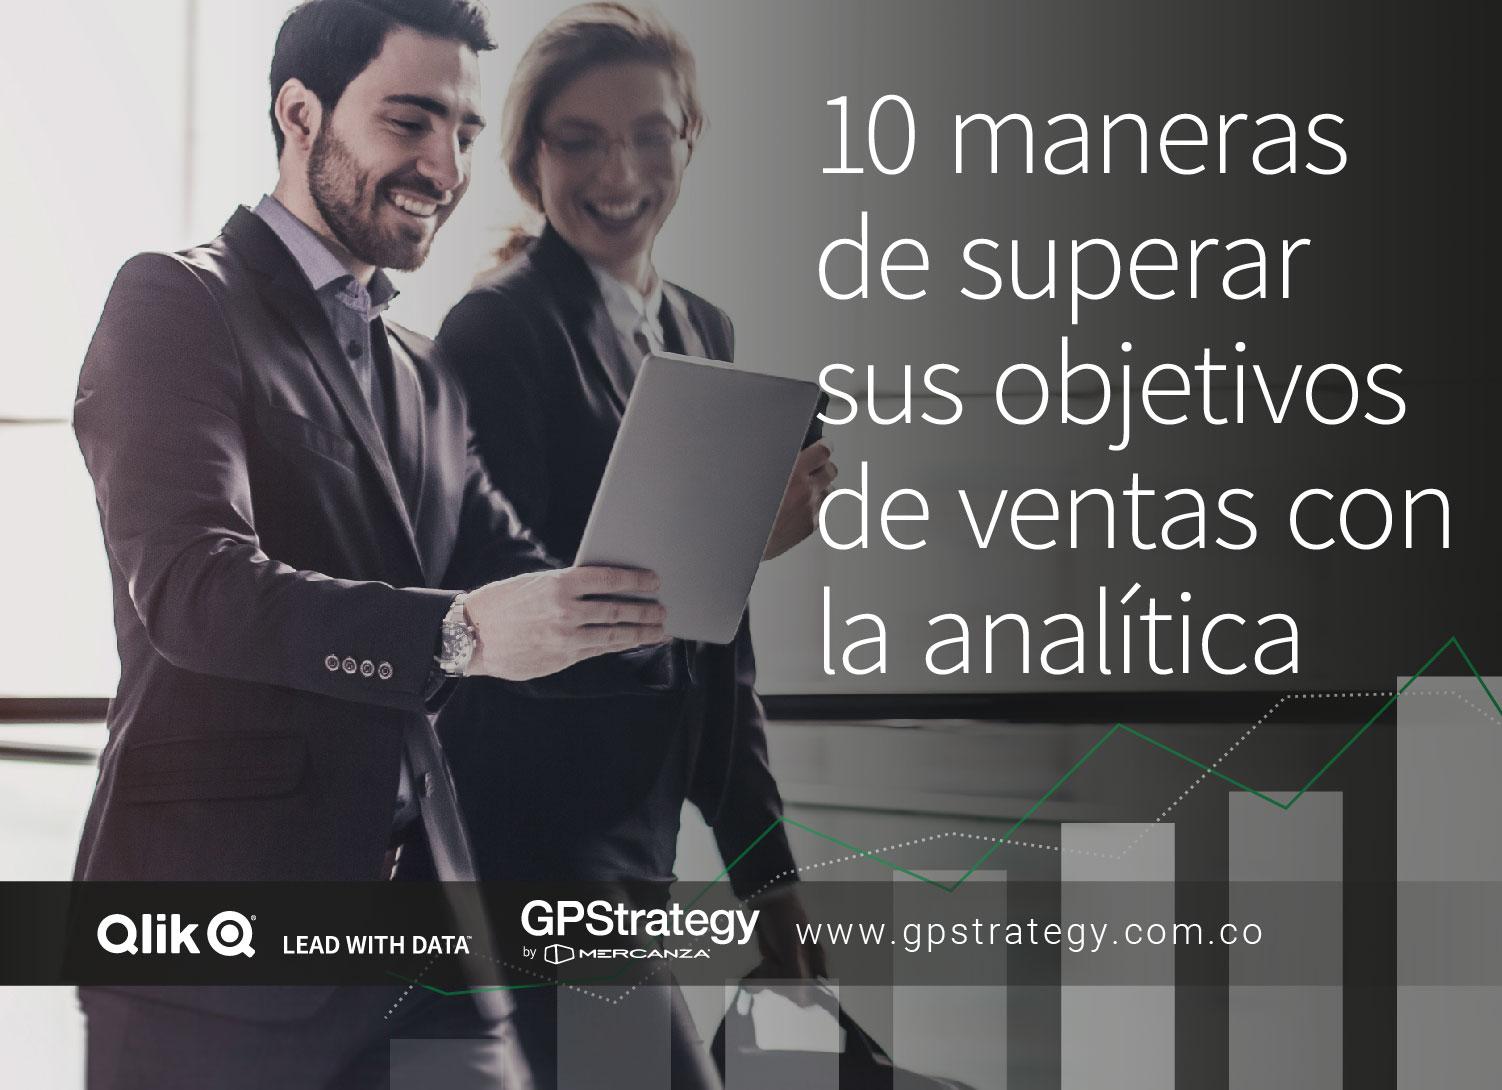 10 maneras de superar sus objetivos de ventas con la analítica - ebook